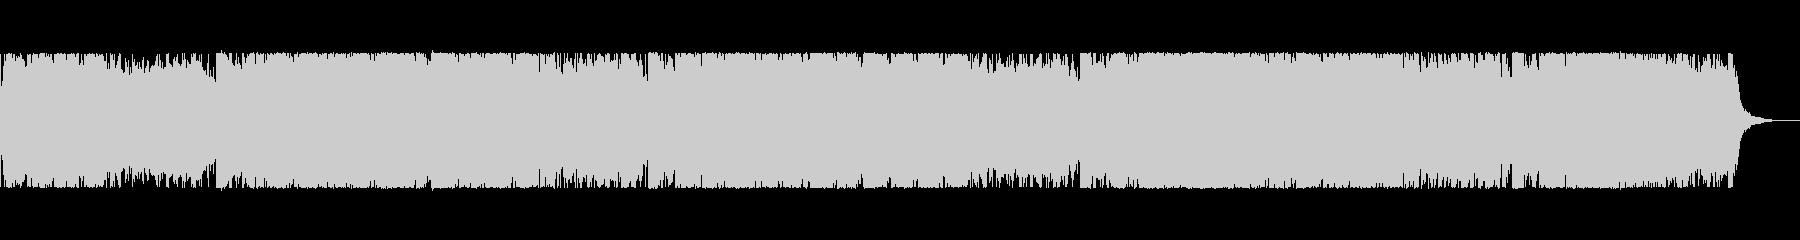 不思議なサウンドのIDMテクスチャの未再生の波形